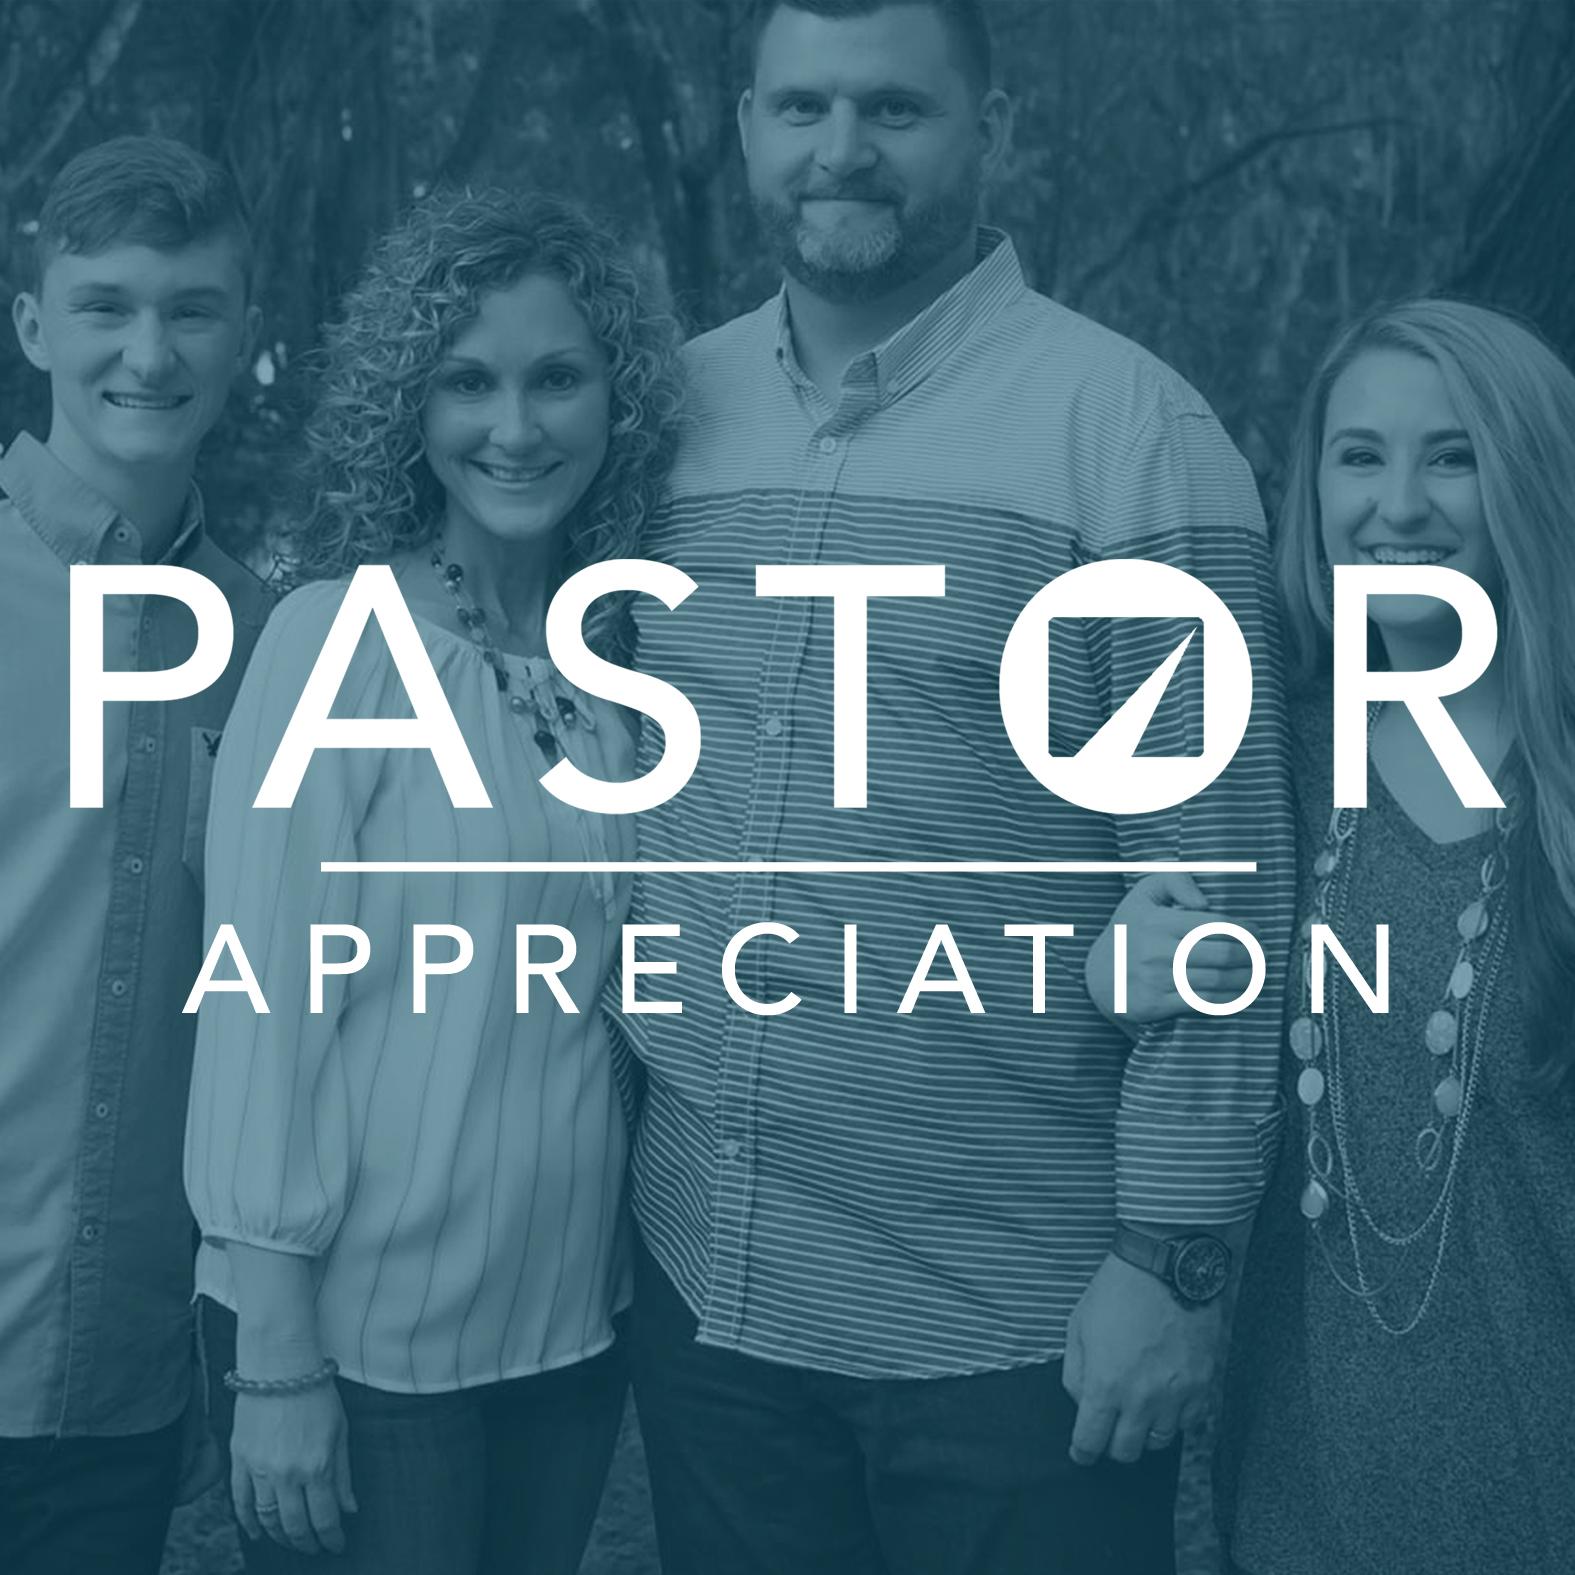 Pastor Appreciation 2016